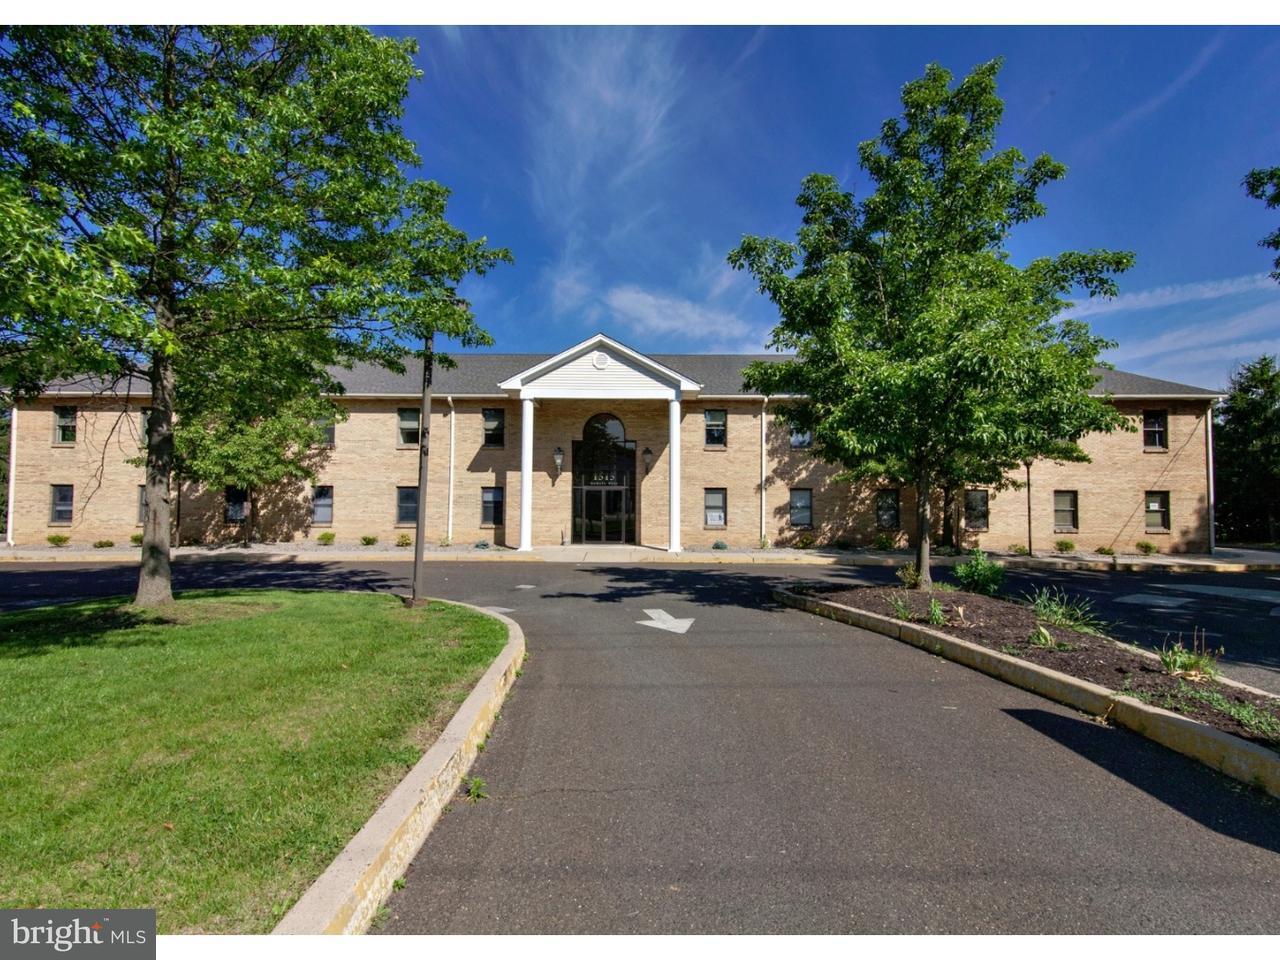 Частный односемейный дом для того Аренда на 1515 DEKALB PIKE #106 Blue Bell, Пенсильвания 19422 Соединенные Штаты